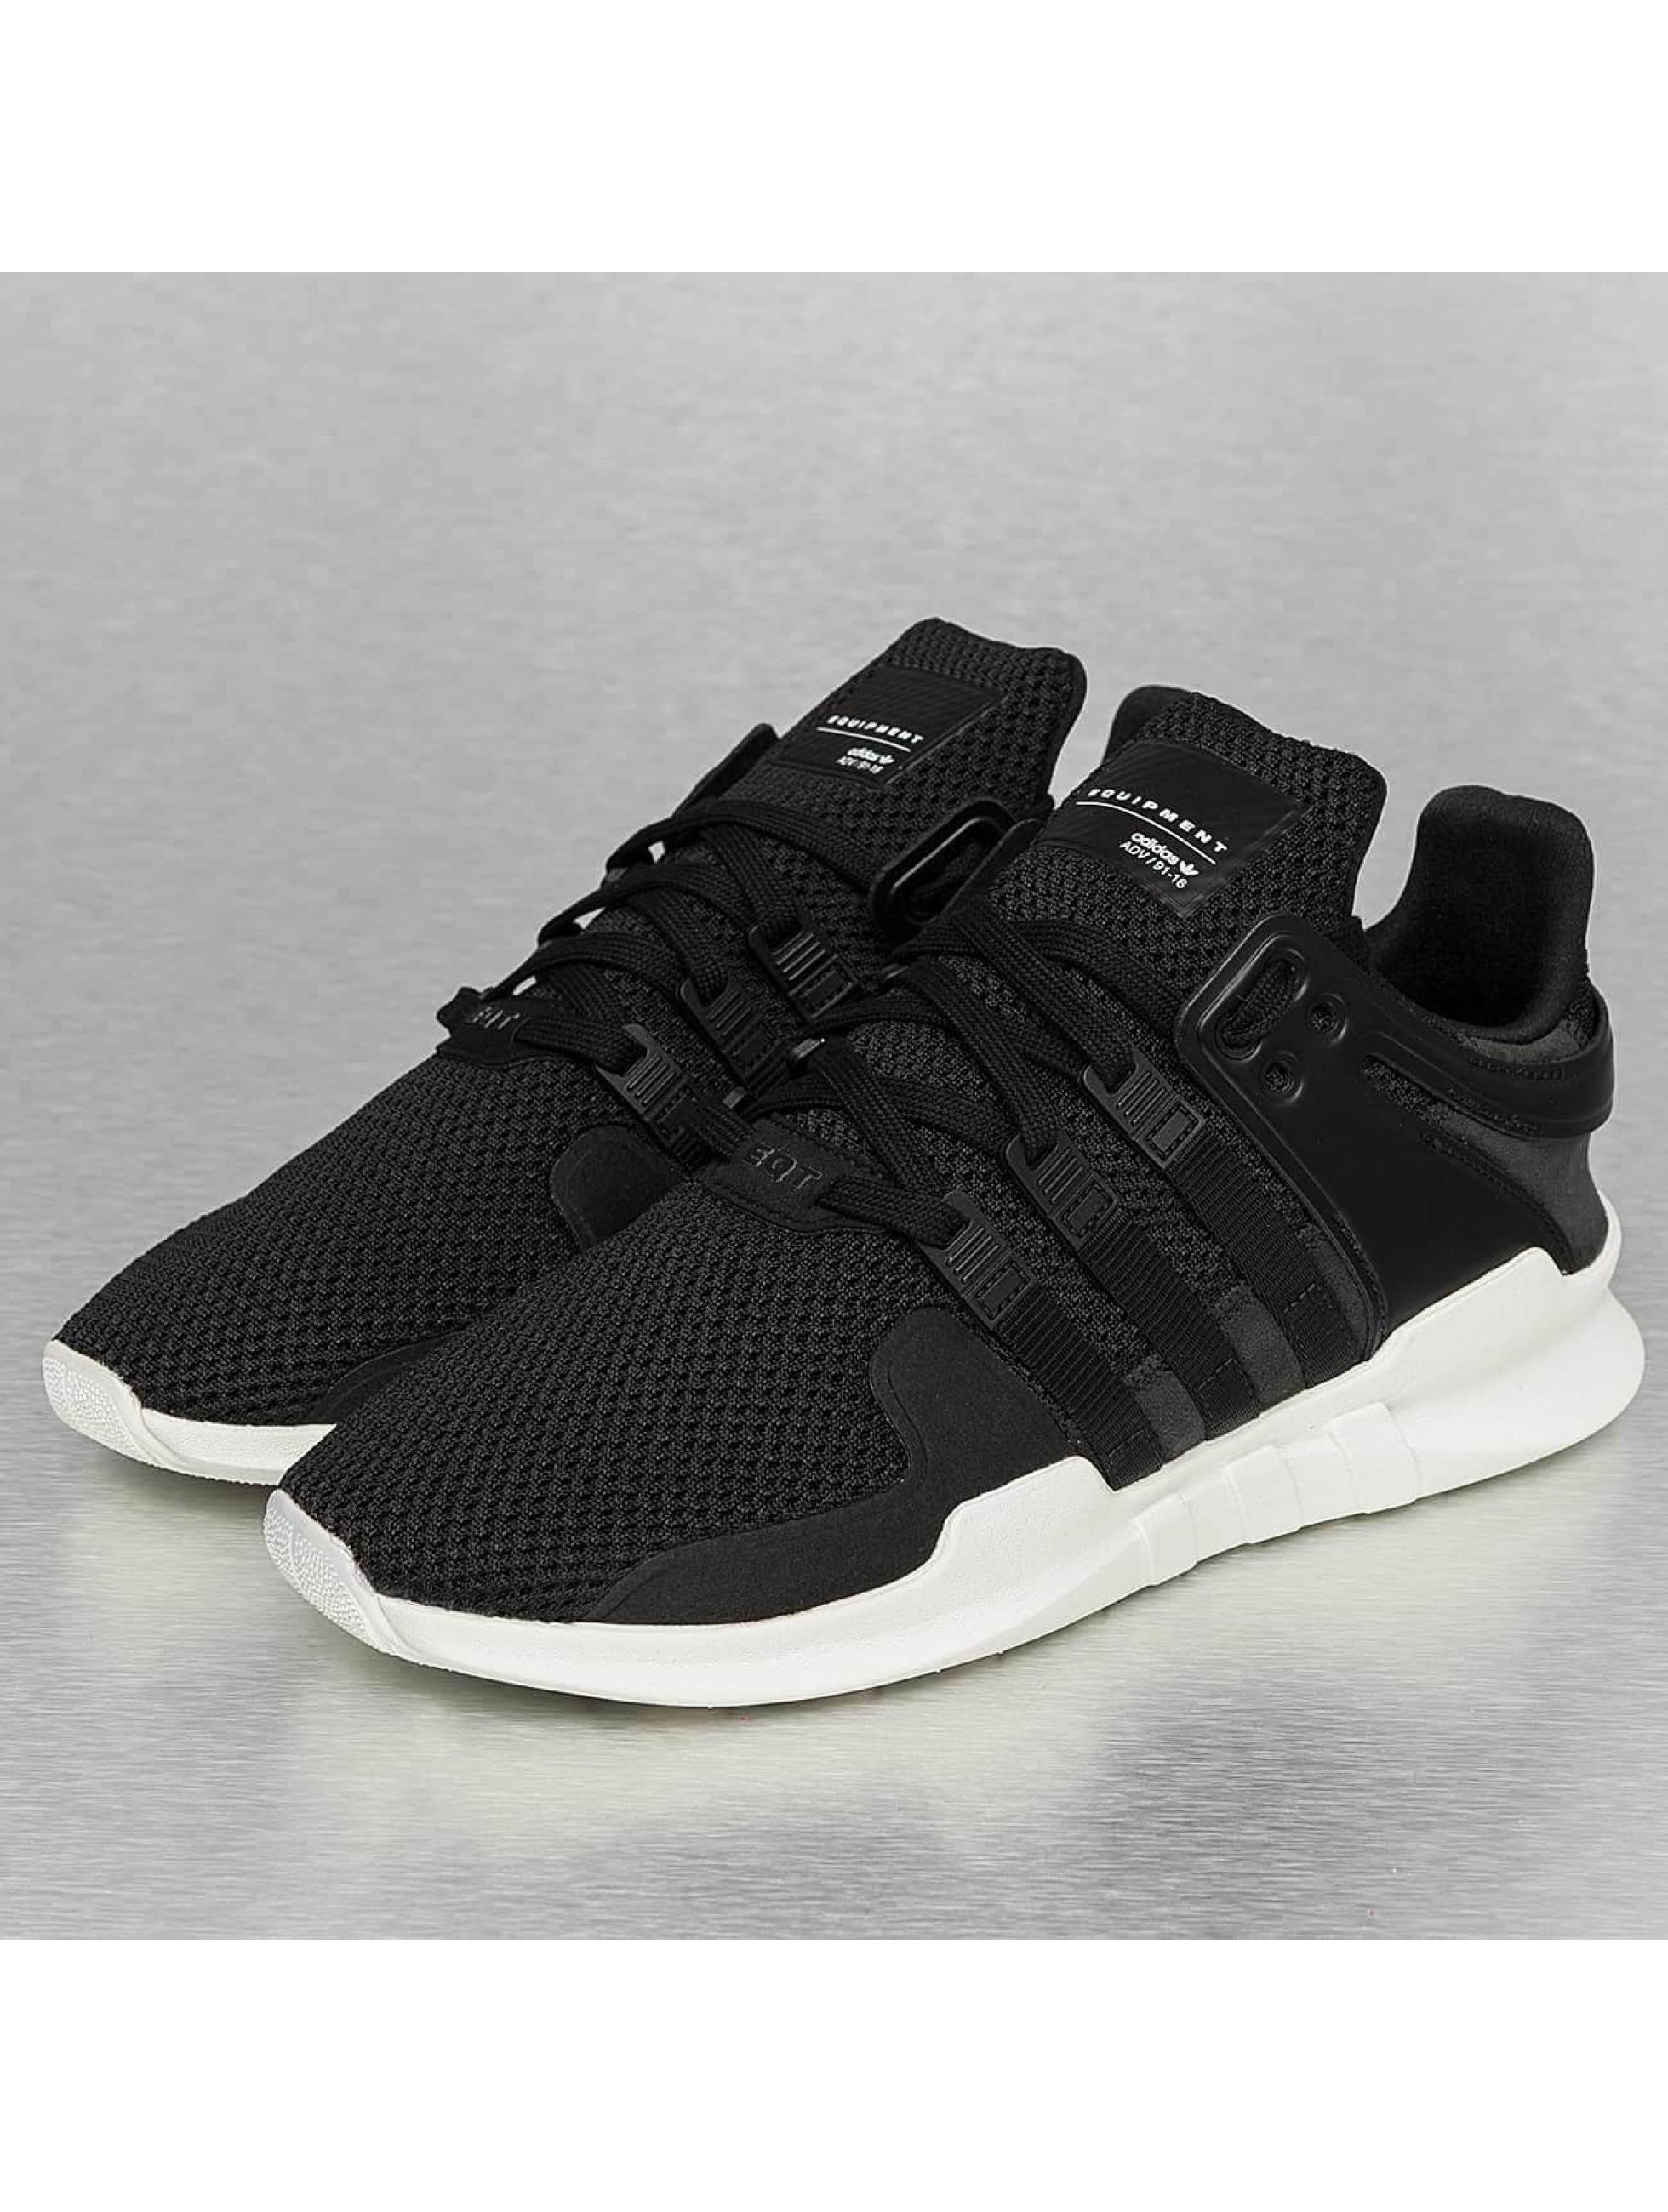 adidas Chaussures / Baskets Equipment Support ADV en noir